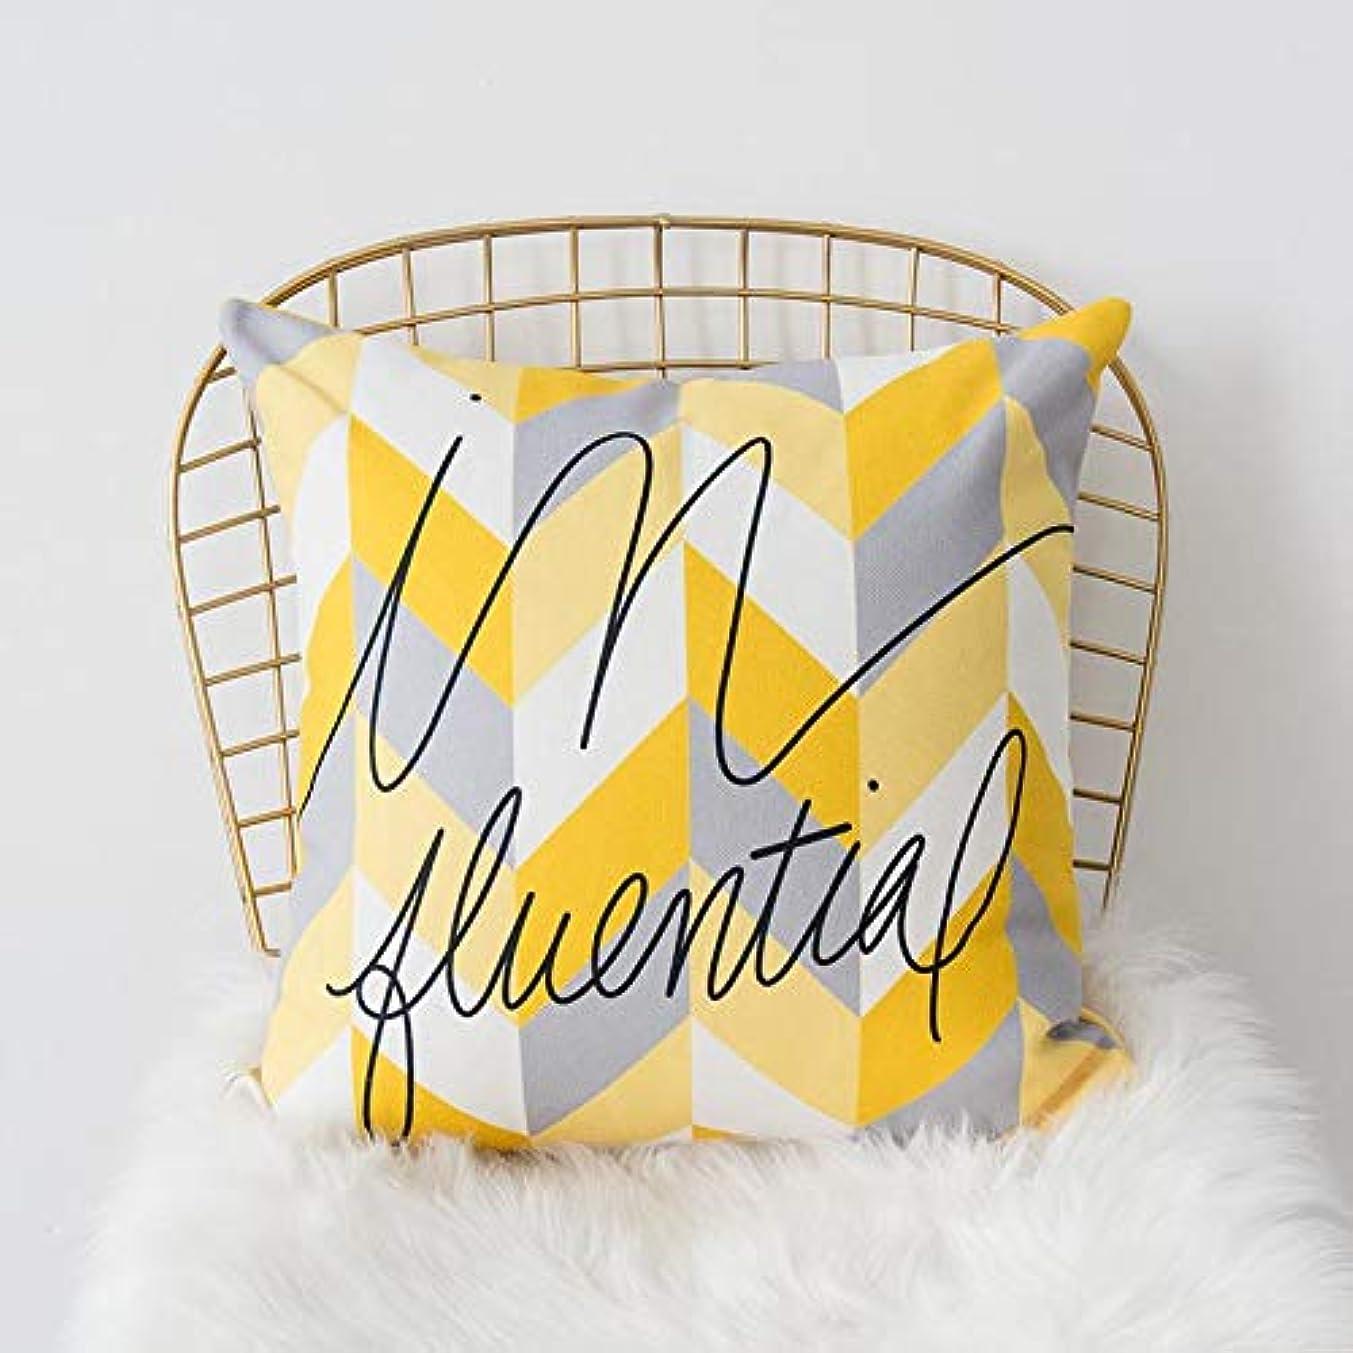 気を散らす無謀秀でるSMART 黄色グレー枕北欧スタイル黄色ヘラジカ幾何枕リビングルームのインテリアソファクッション Cojines 装飾良質 クッション 椅子